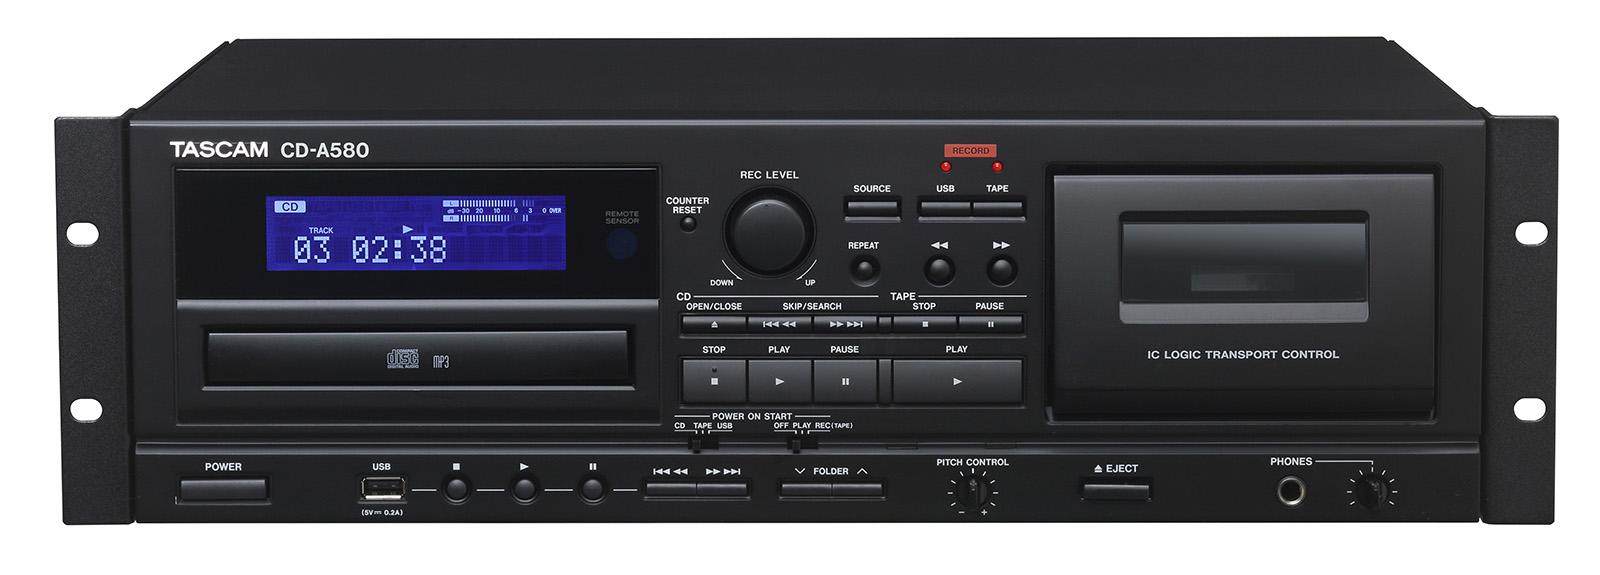 中古 ☆美品☆ TASCAM ( タスカム ) / CD-A580 CDプレーヤー/カセットレコーダー